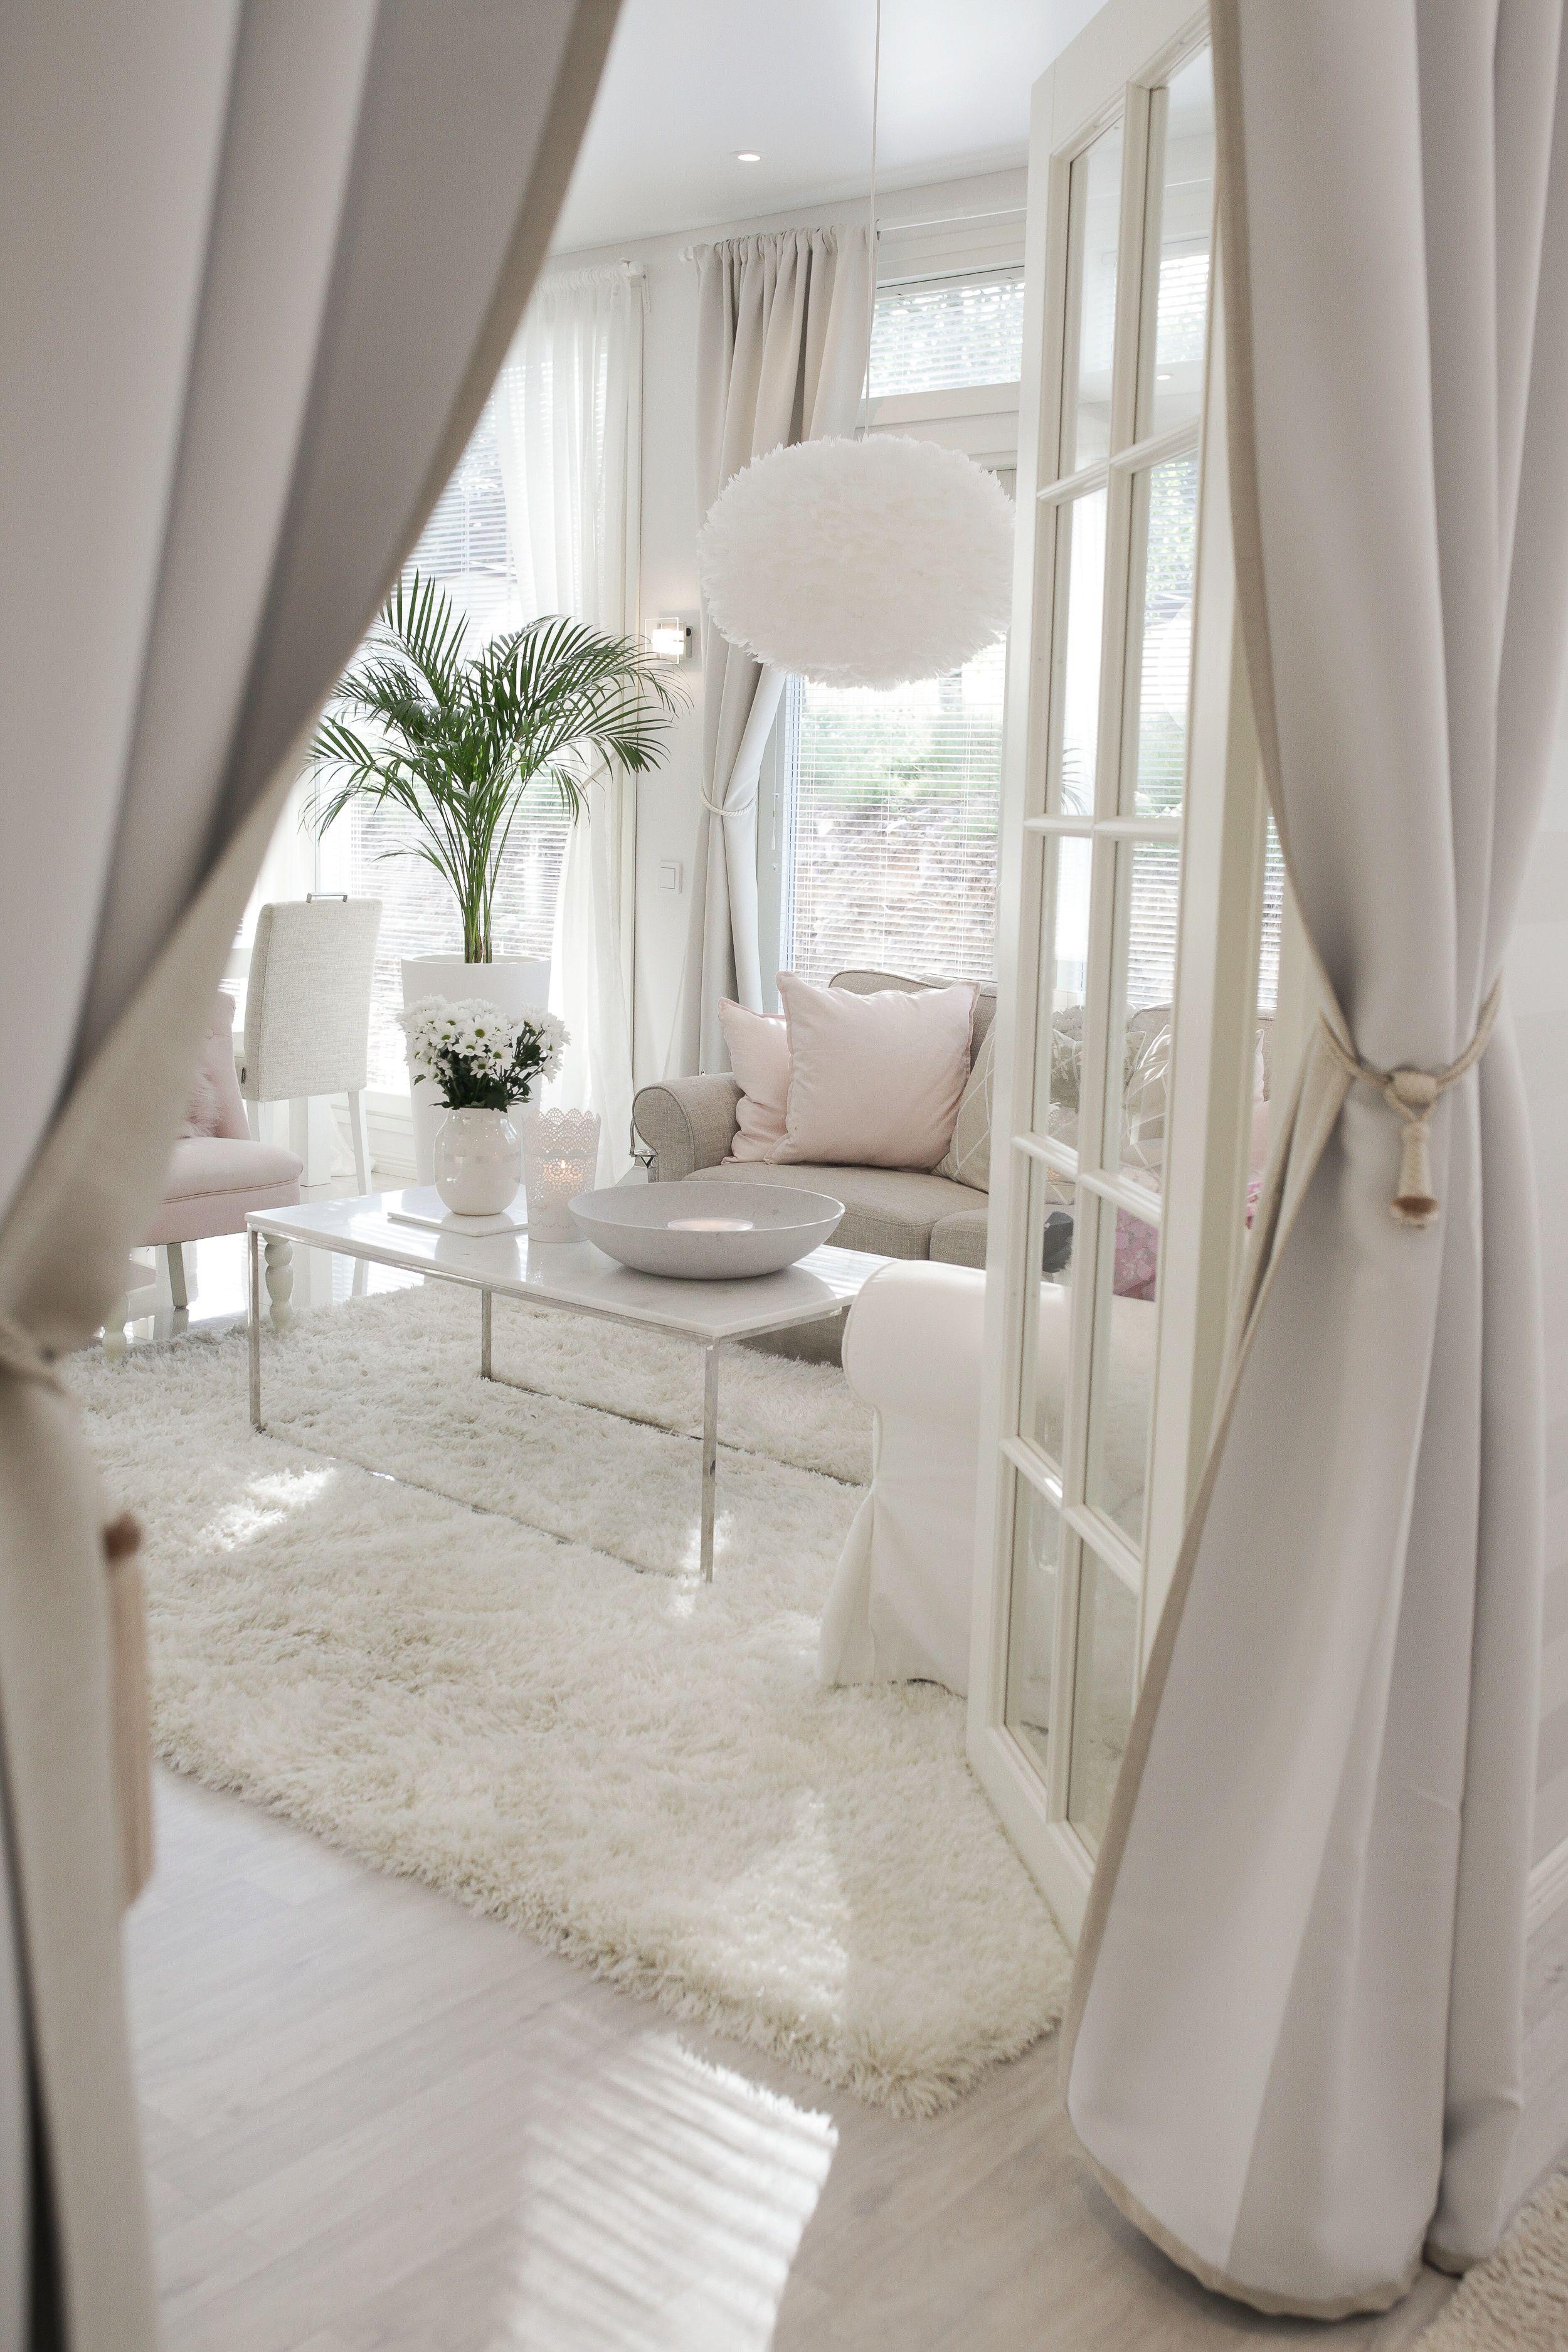 wohnzimmer ideen privat : Dunkel Kontrast Im Wohnzimmer Cozy Rooming Pinterest